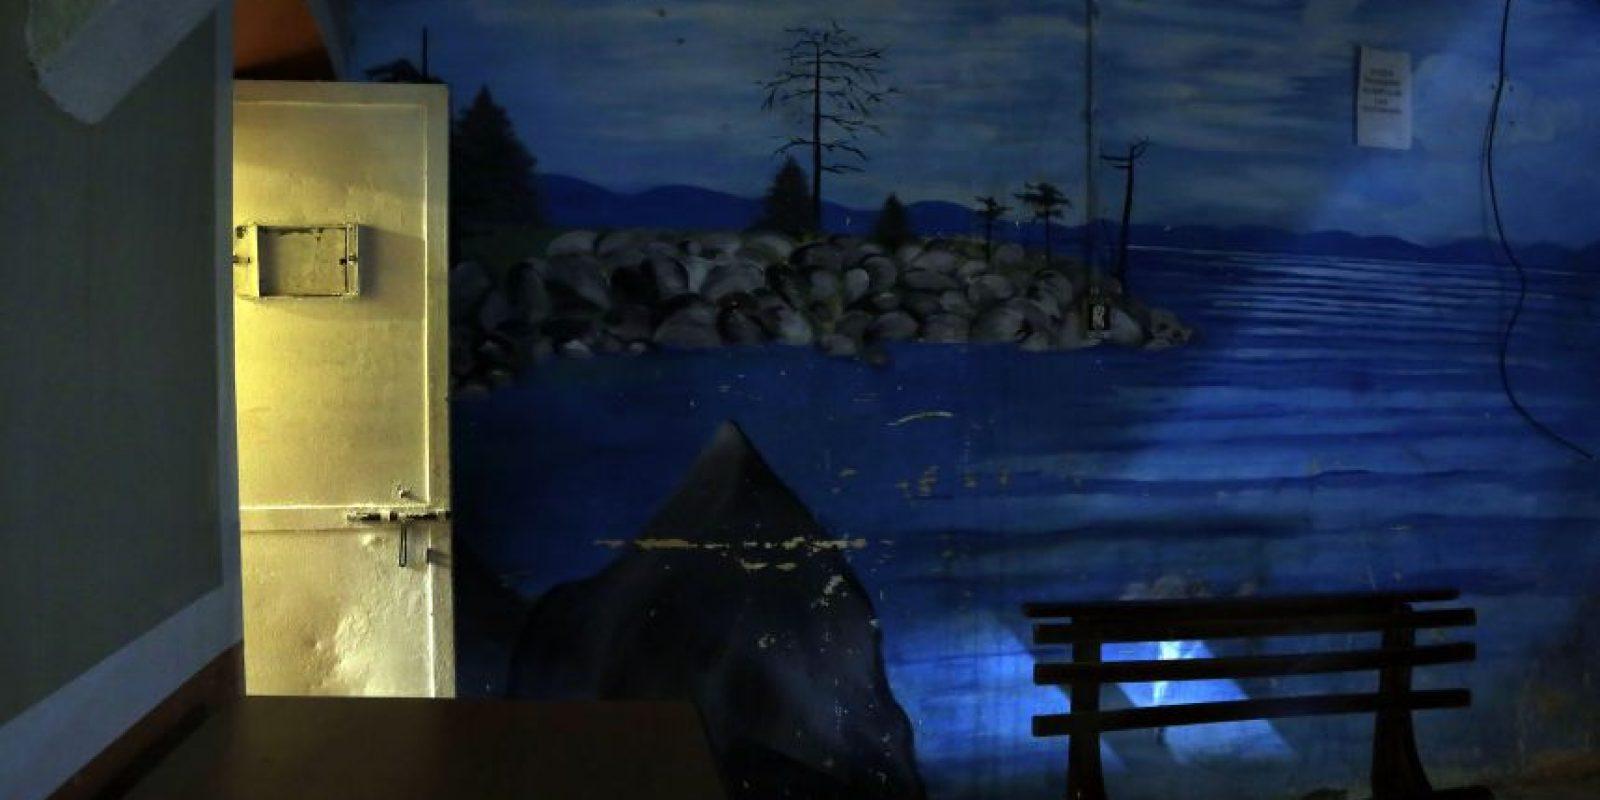 Esta imagen del 9 de abril de 2015 muestra la apertura de una puerta hacia las áreas comunes de la ahora abandonada Prisión García Moreno, durante una visita guiada al público en Quito, Ecuador. Sus frías paredes están marcadas con palabras y coloridos murales, escritos y dibujados durante 139 años, por los prisioneros que van desde ladrones de pollos hasta políticos. Foto:AP/ Dolores Ochoa